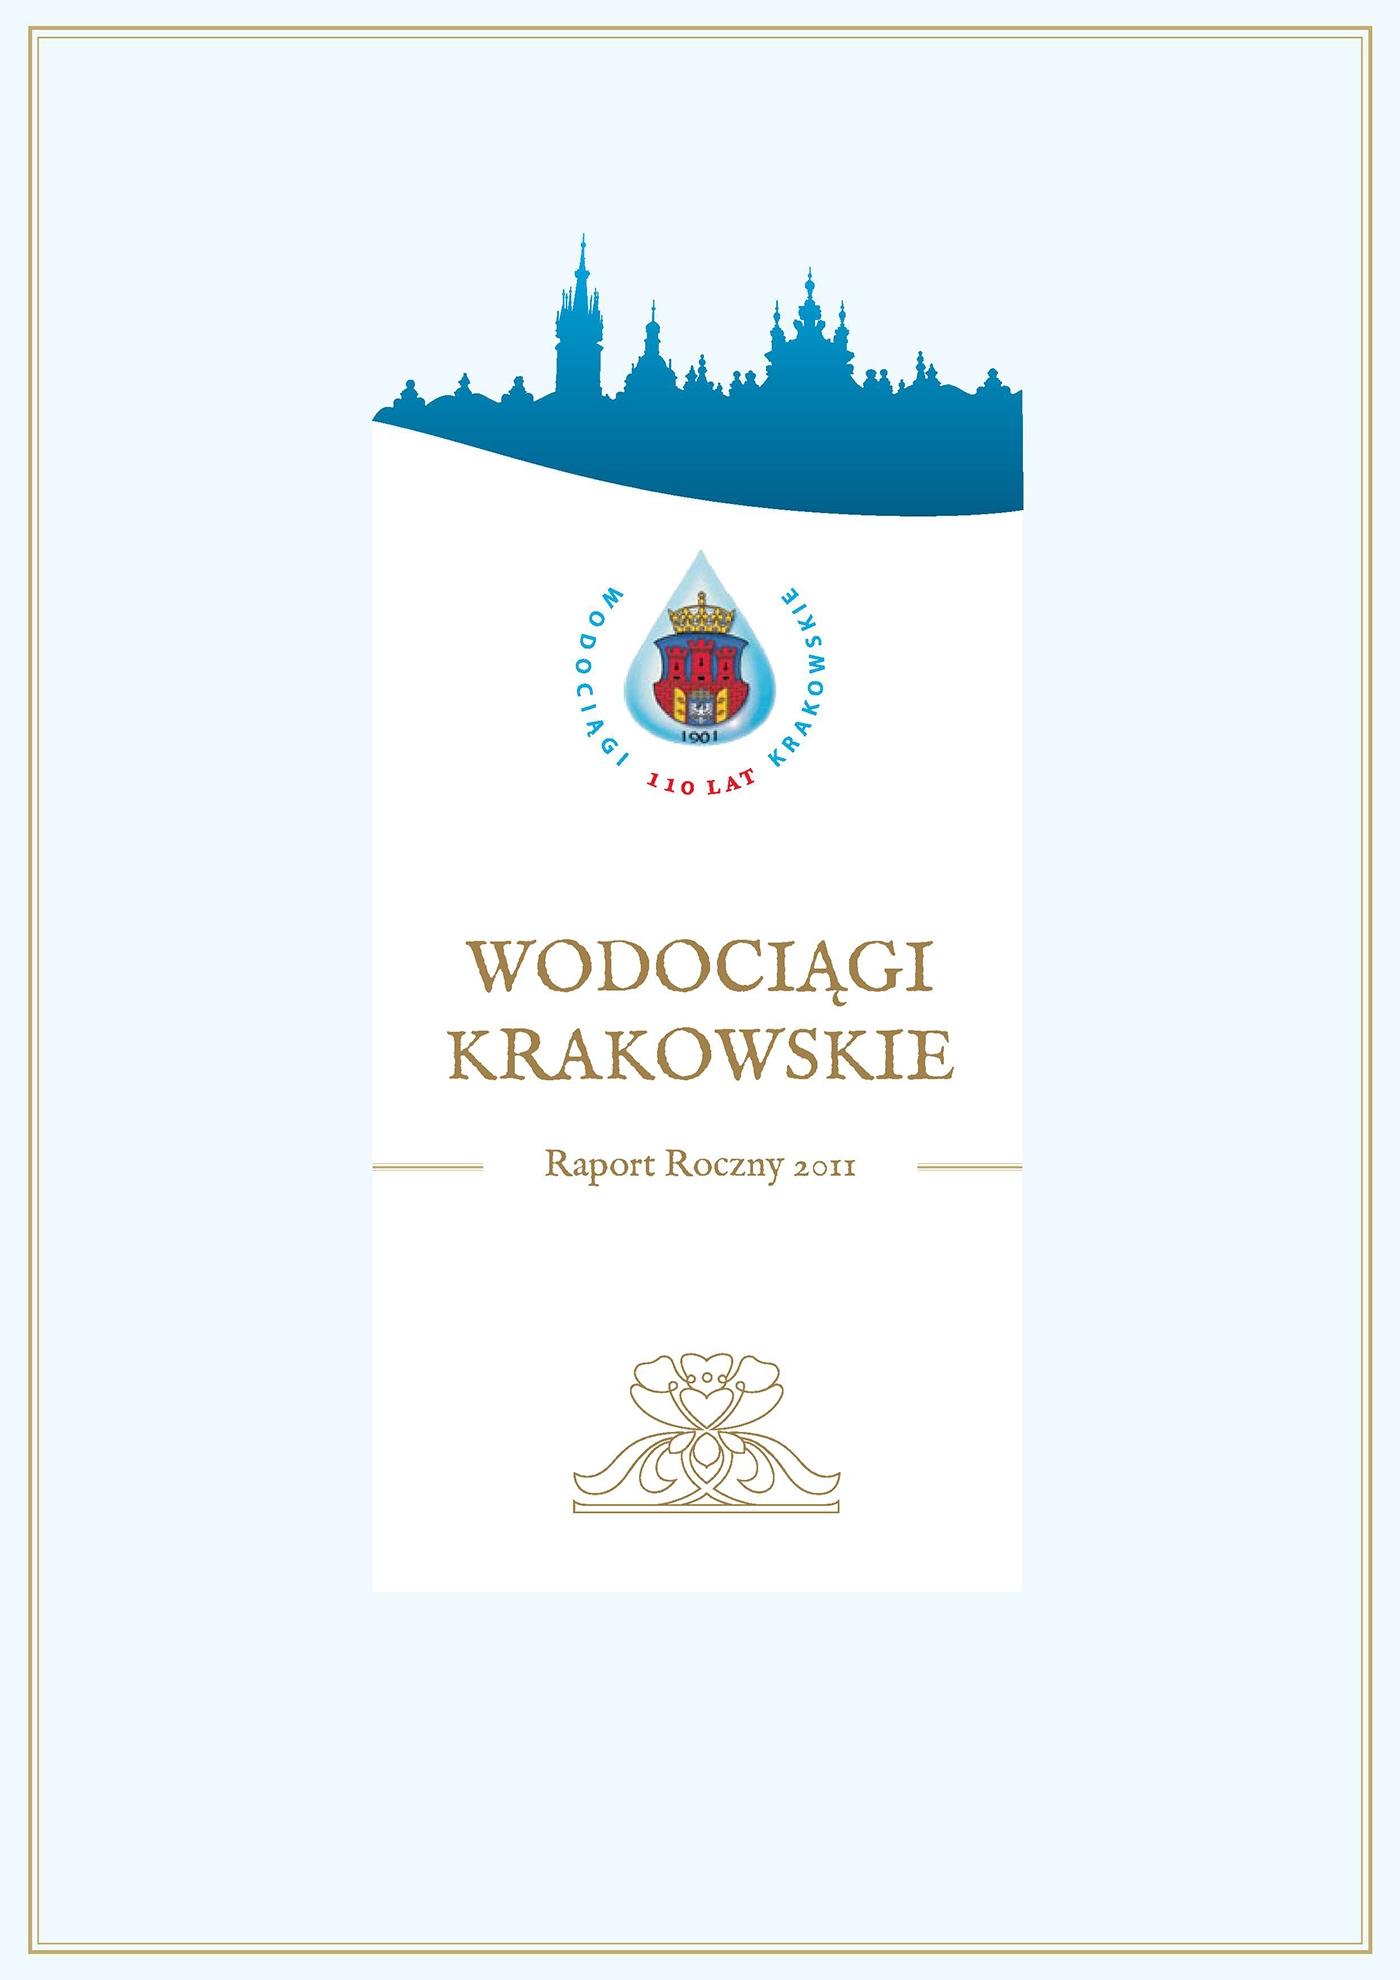 Tytuł: Zobacz raport - 2011 - poszczególne strony dostępne tylko po kliknieciu na link